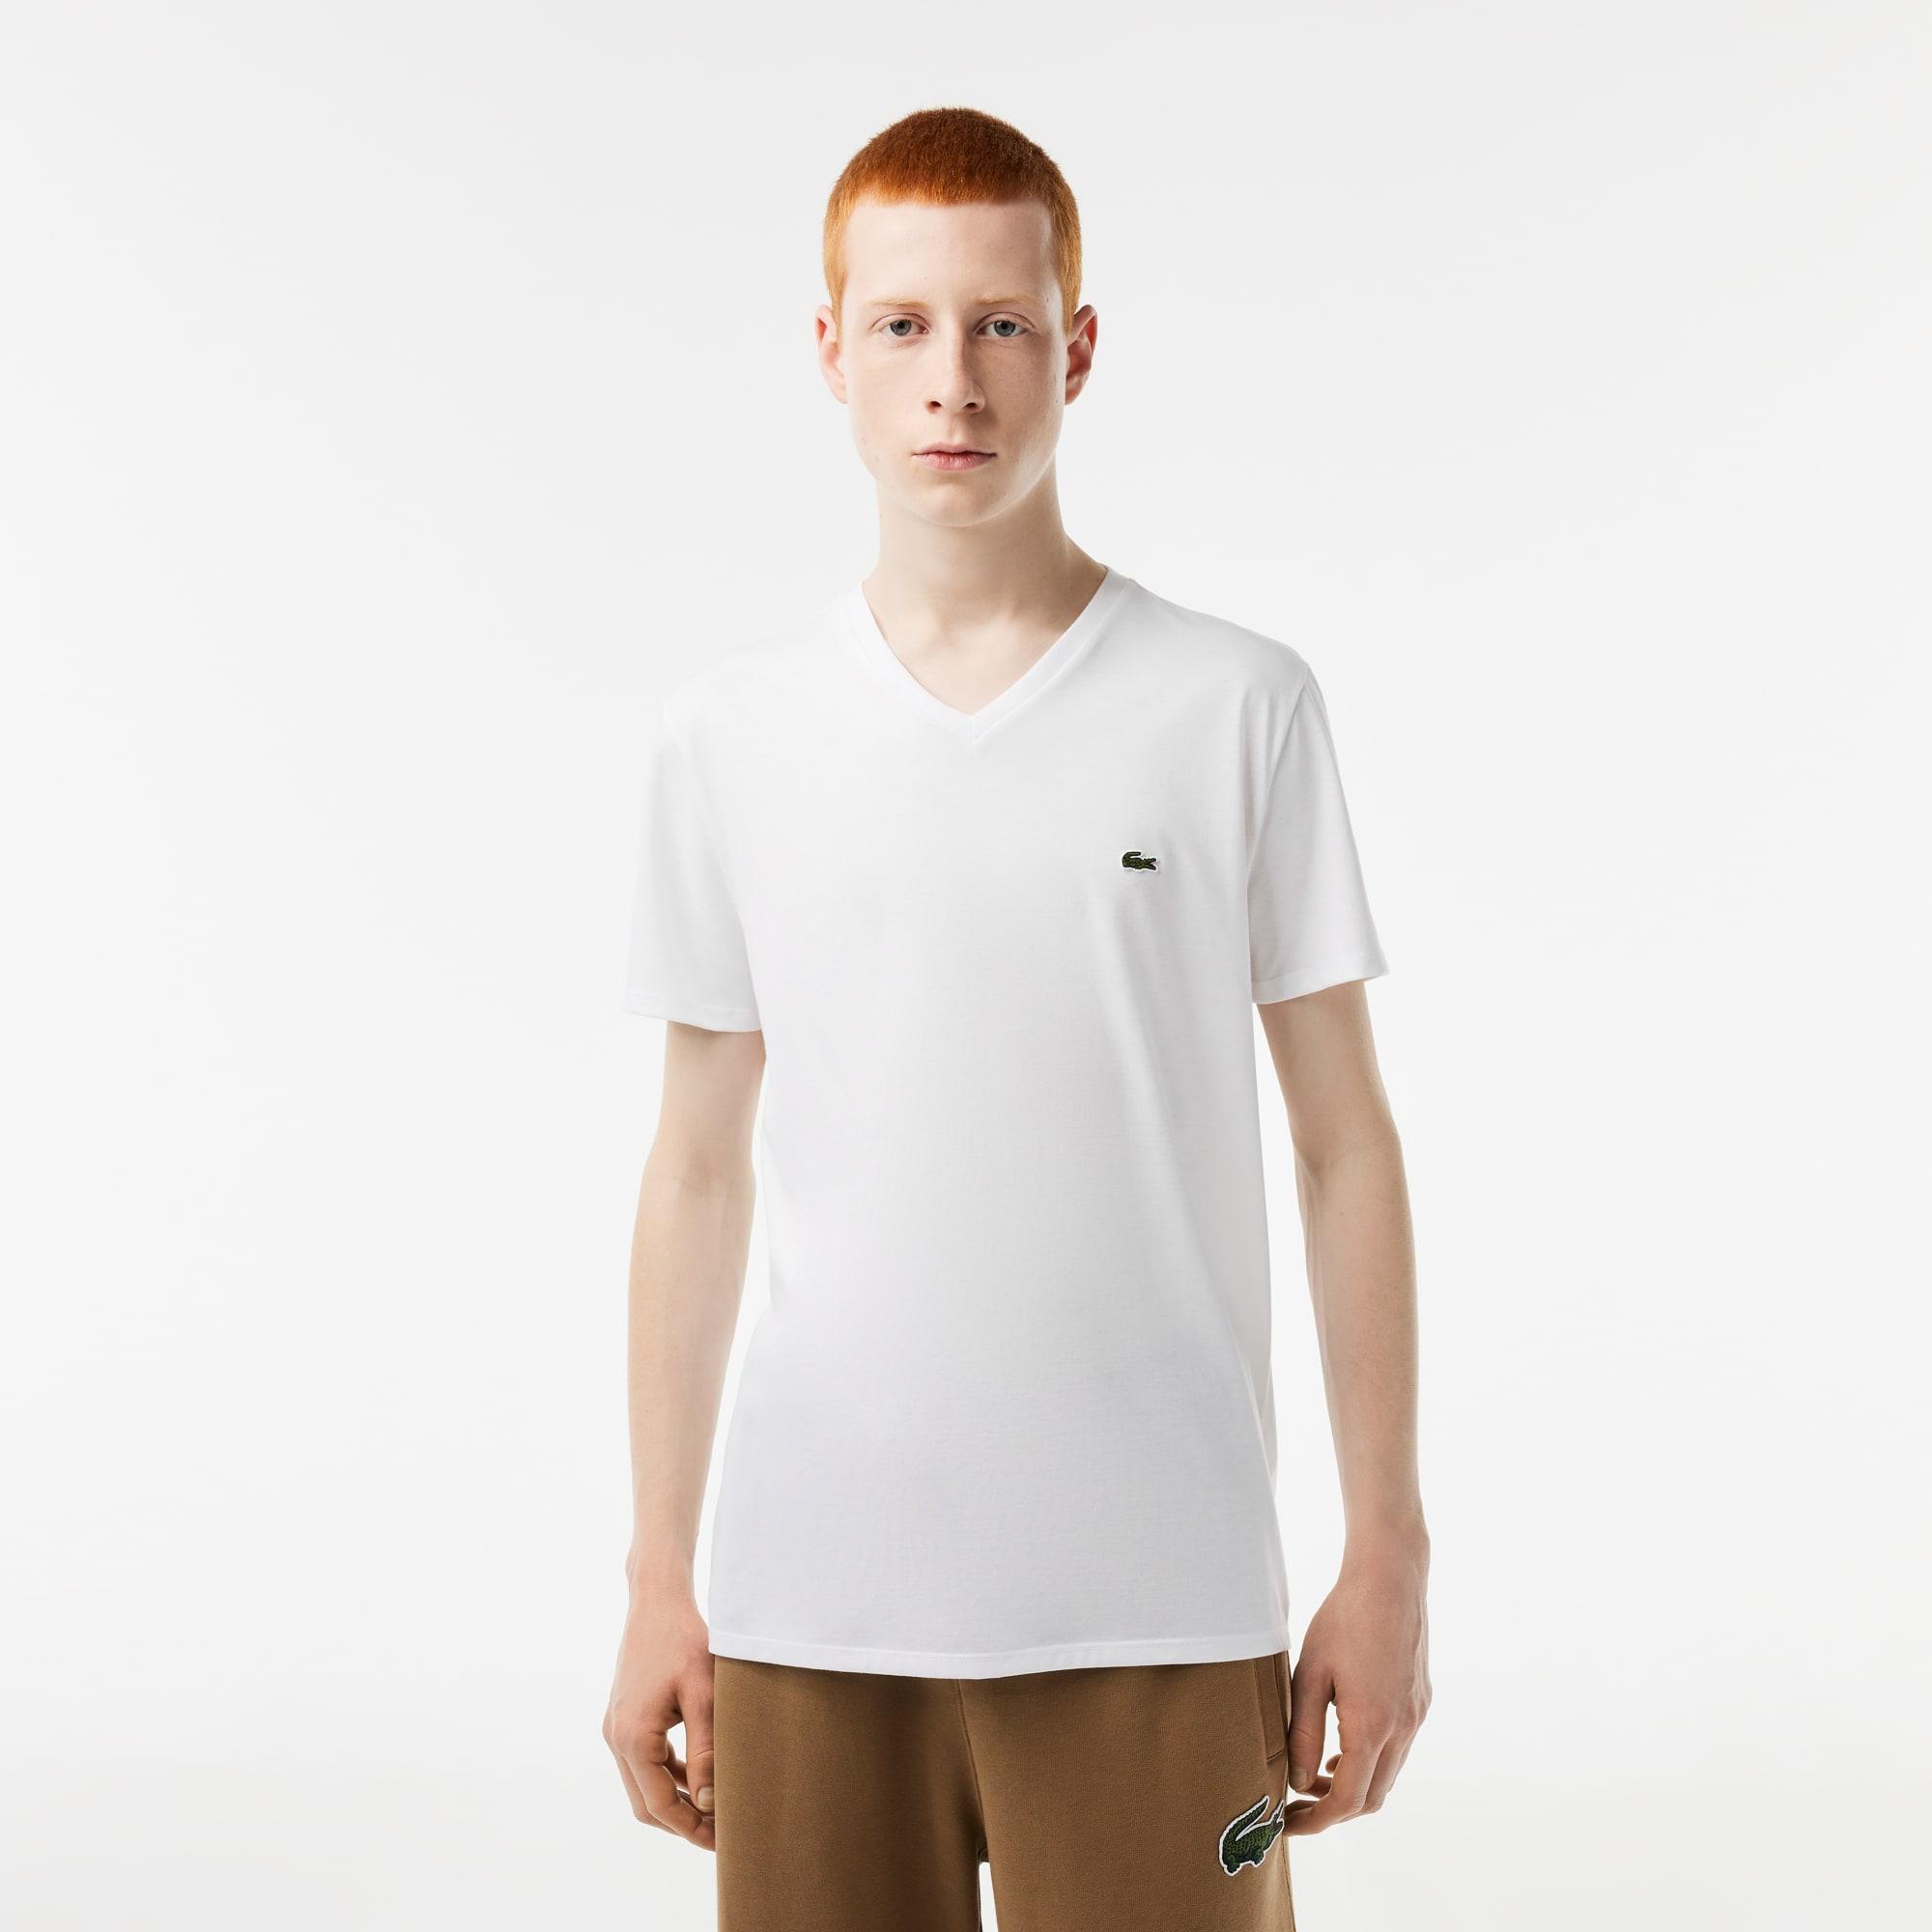 Camiseta Lacoste em Jérsei de Algodão Pima Preta